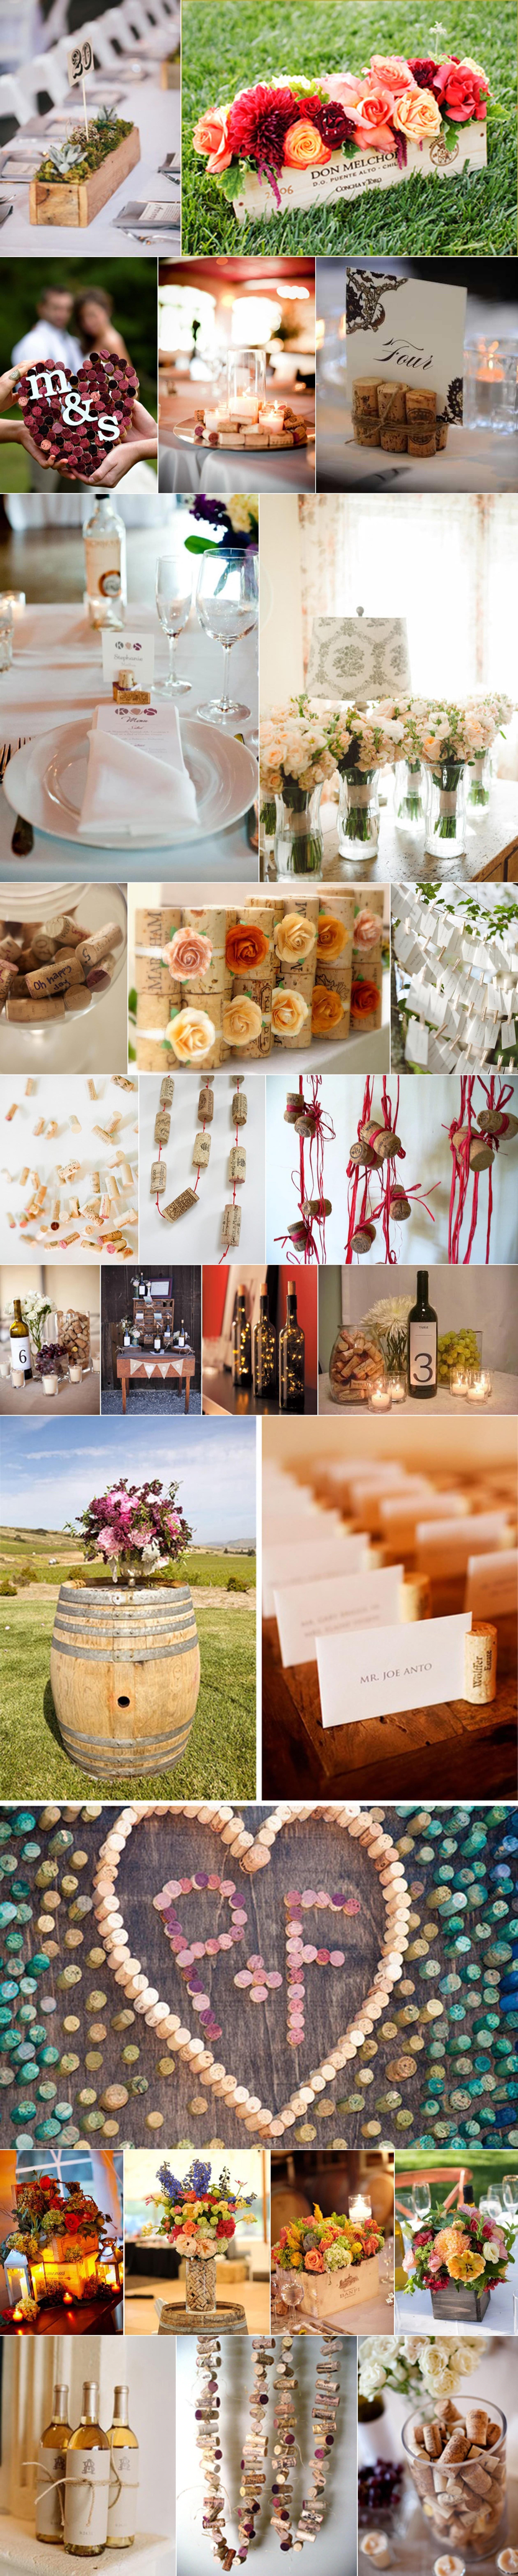 wino korki do wina dekoracje DIY slub i wesele inspiracje rustykalne